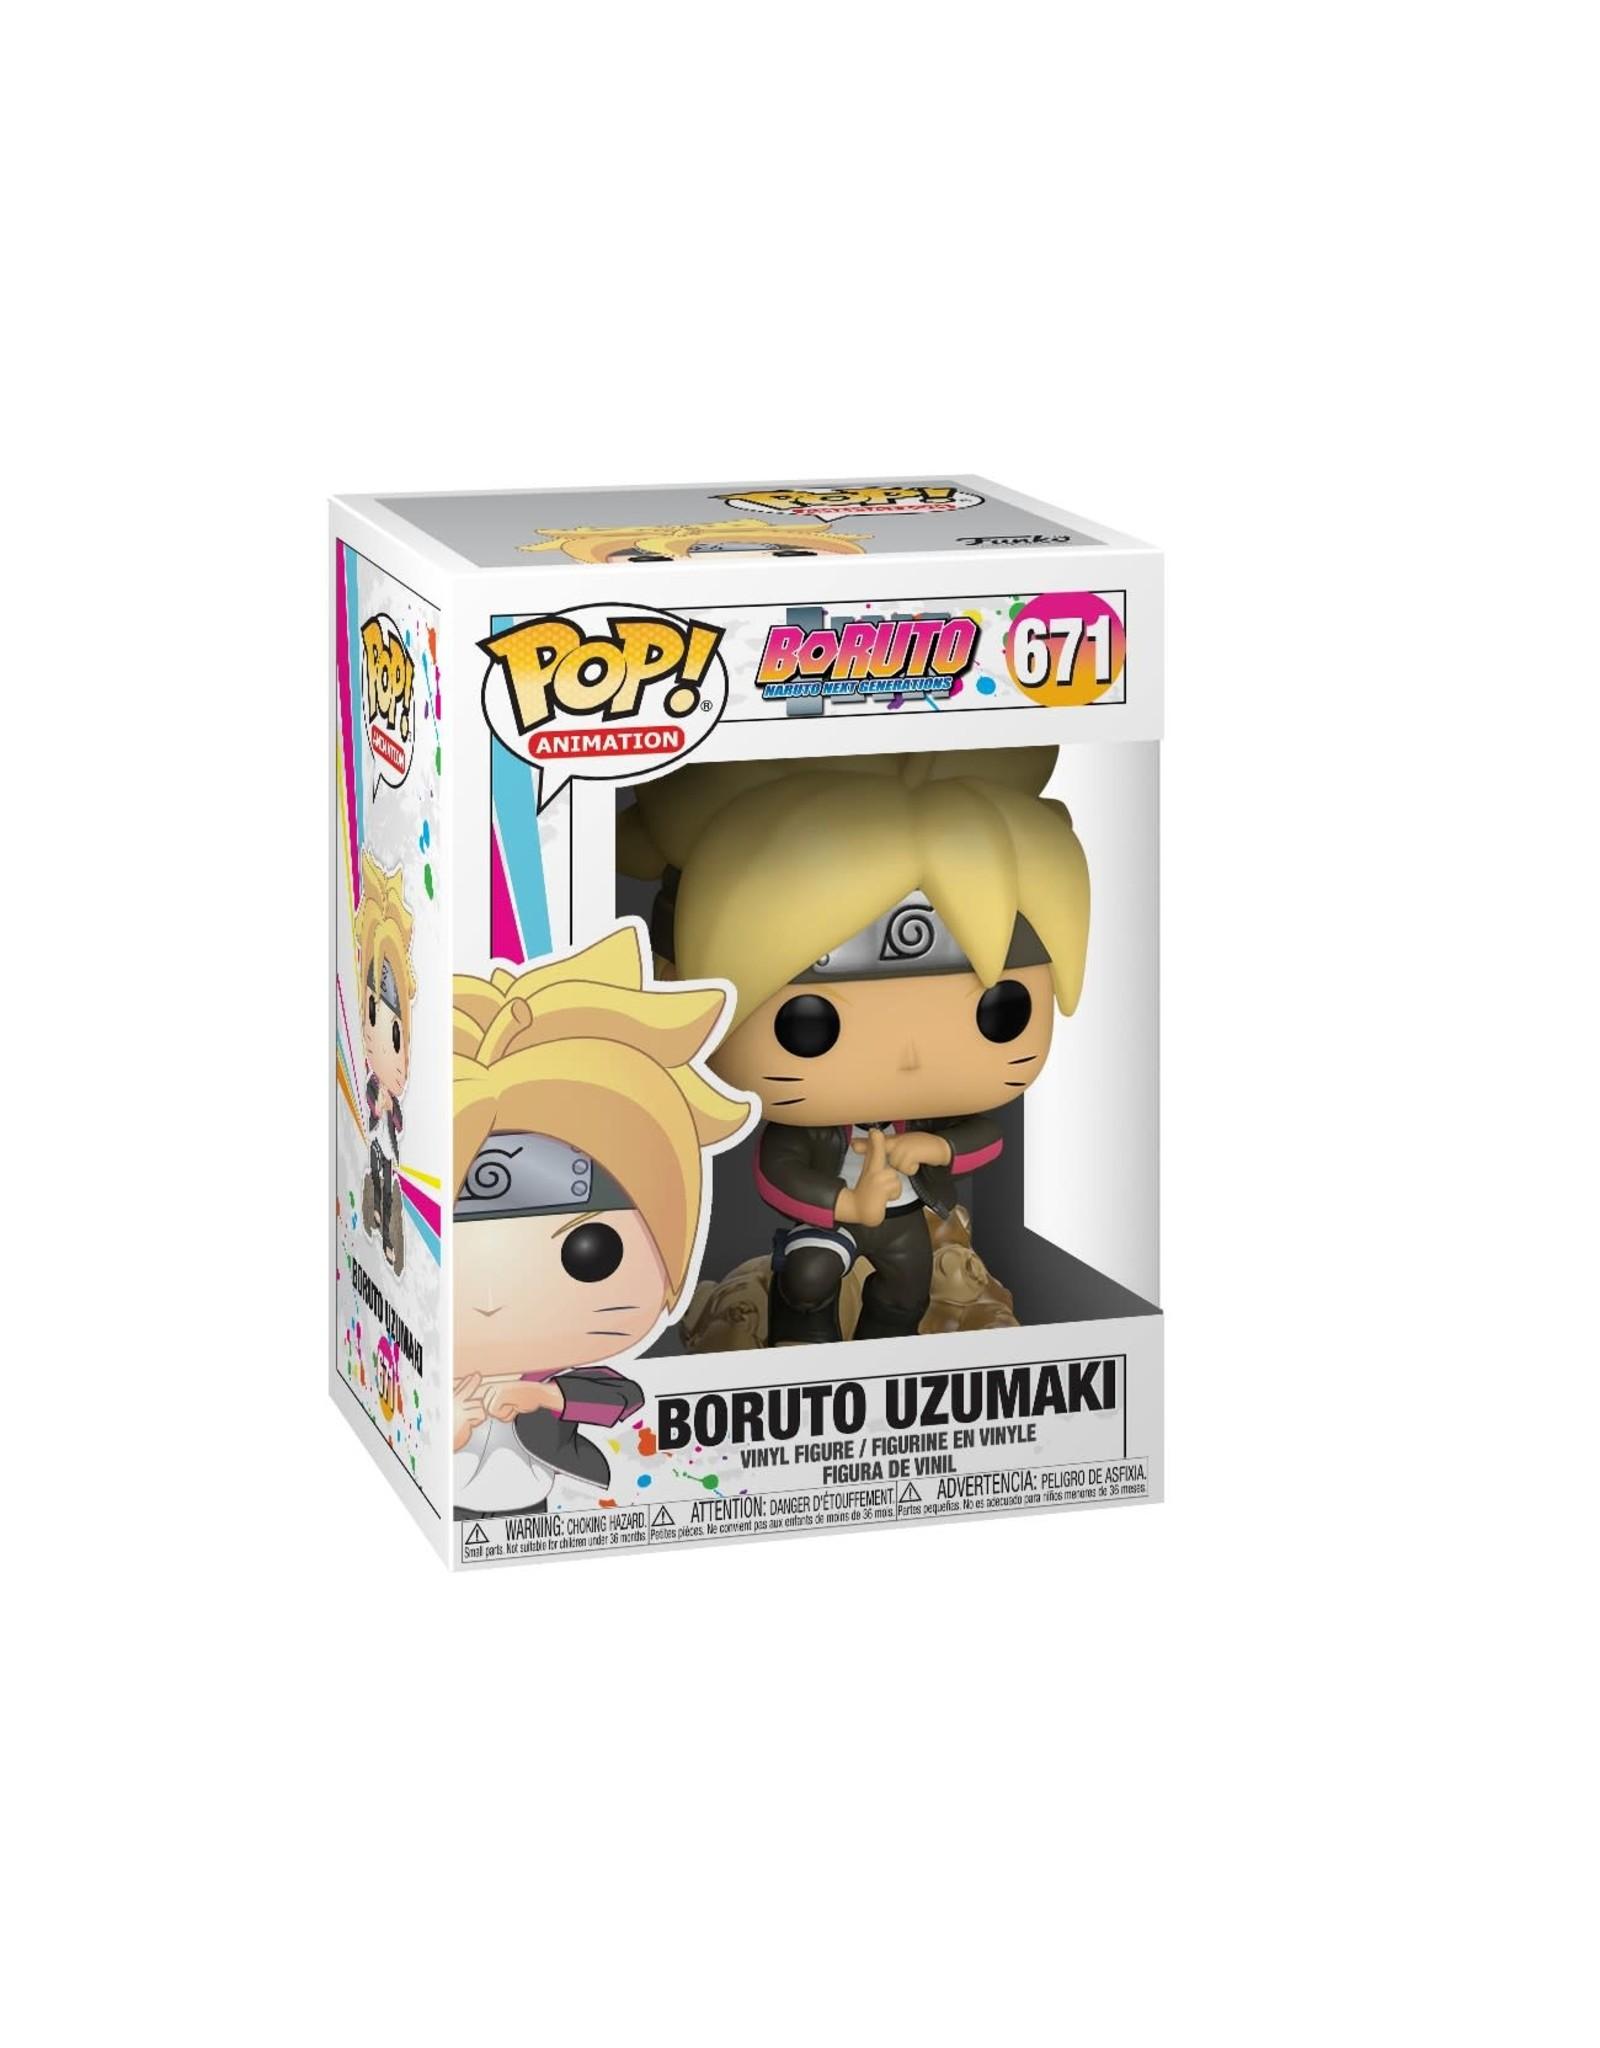 Funko Pop! Funko Pop! Anime nr671 Boruto - Boruto Uzumaki